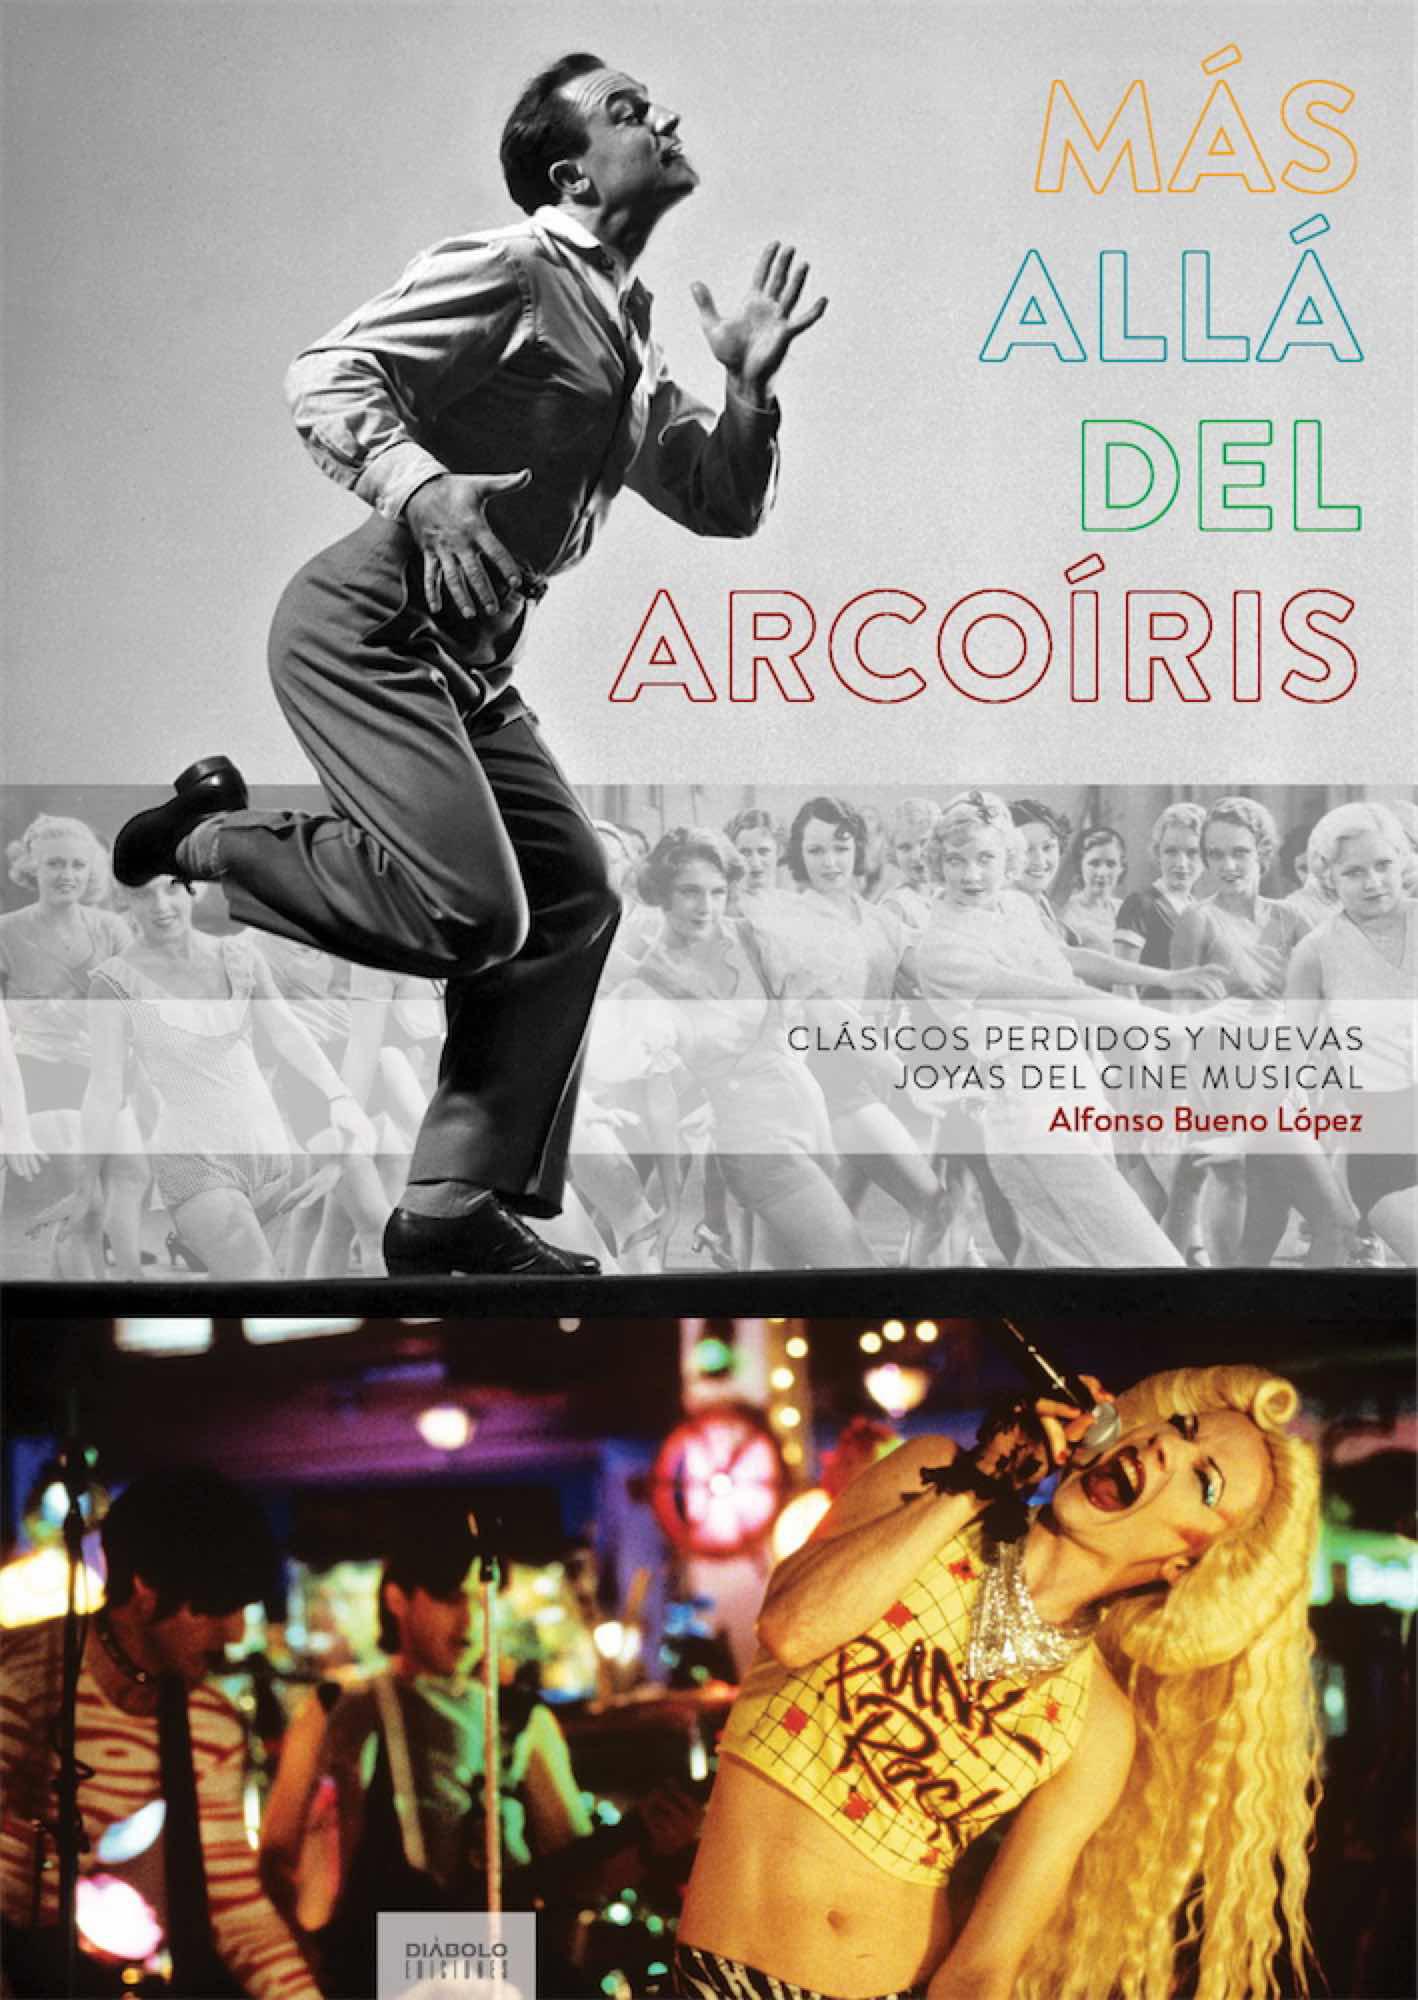 Libro Mas Allá del Arcoiris. Clásicos Perdidos y nuevas joyas del cine Musical